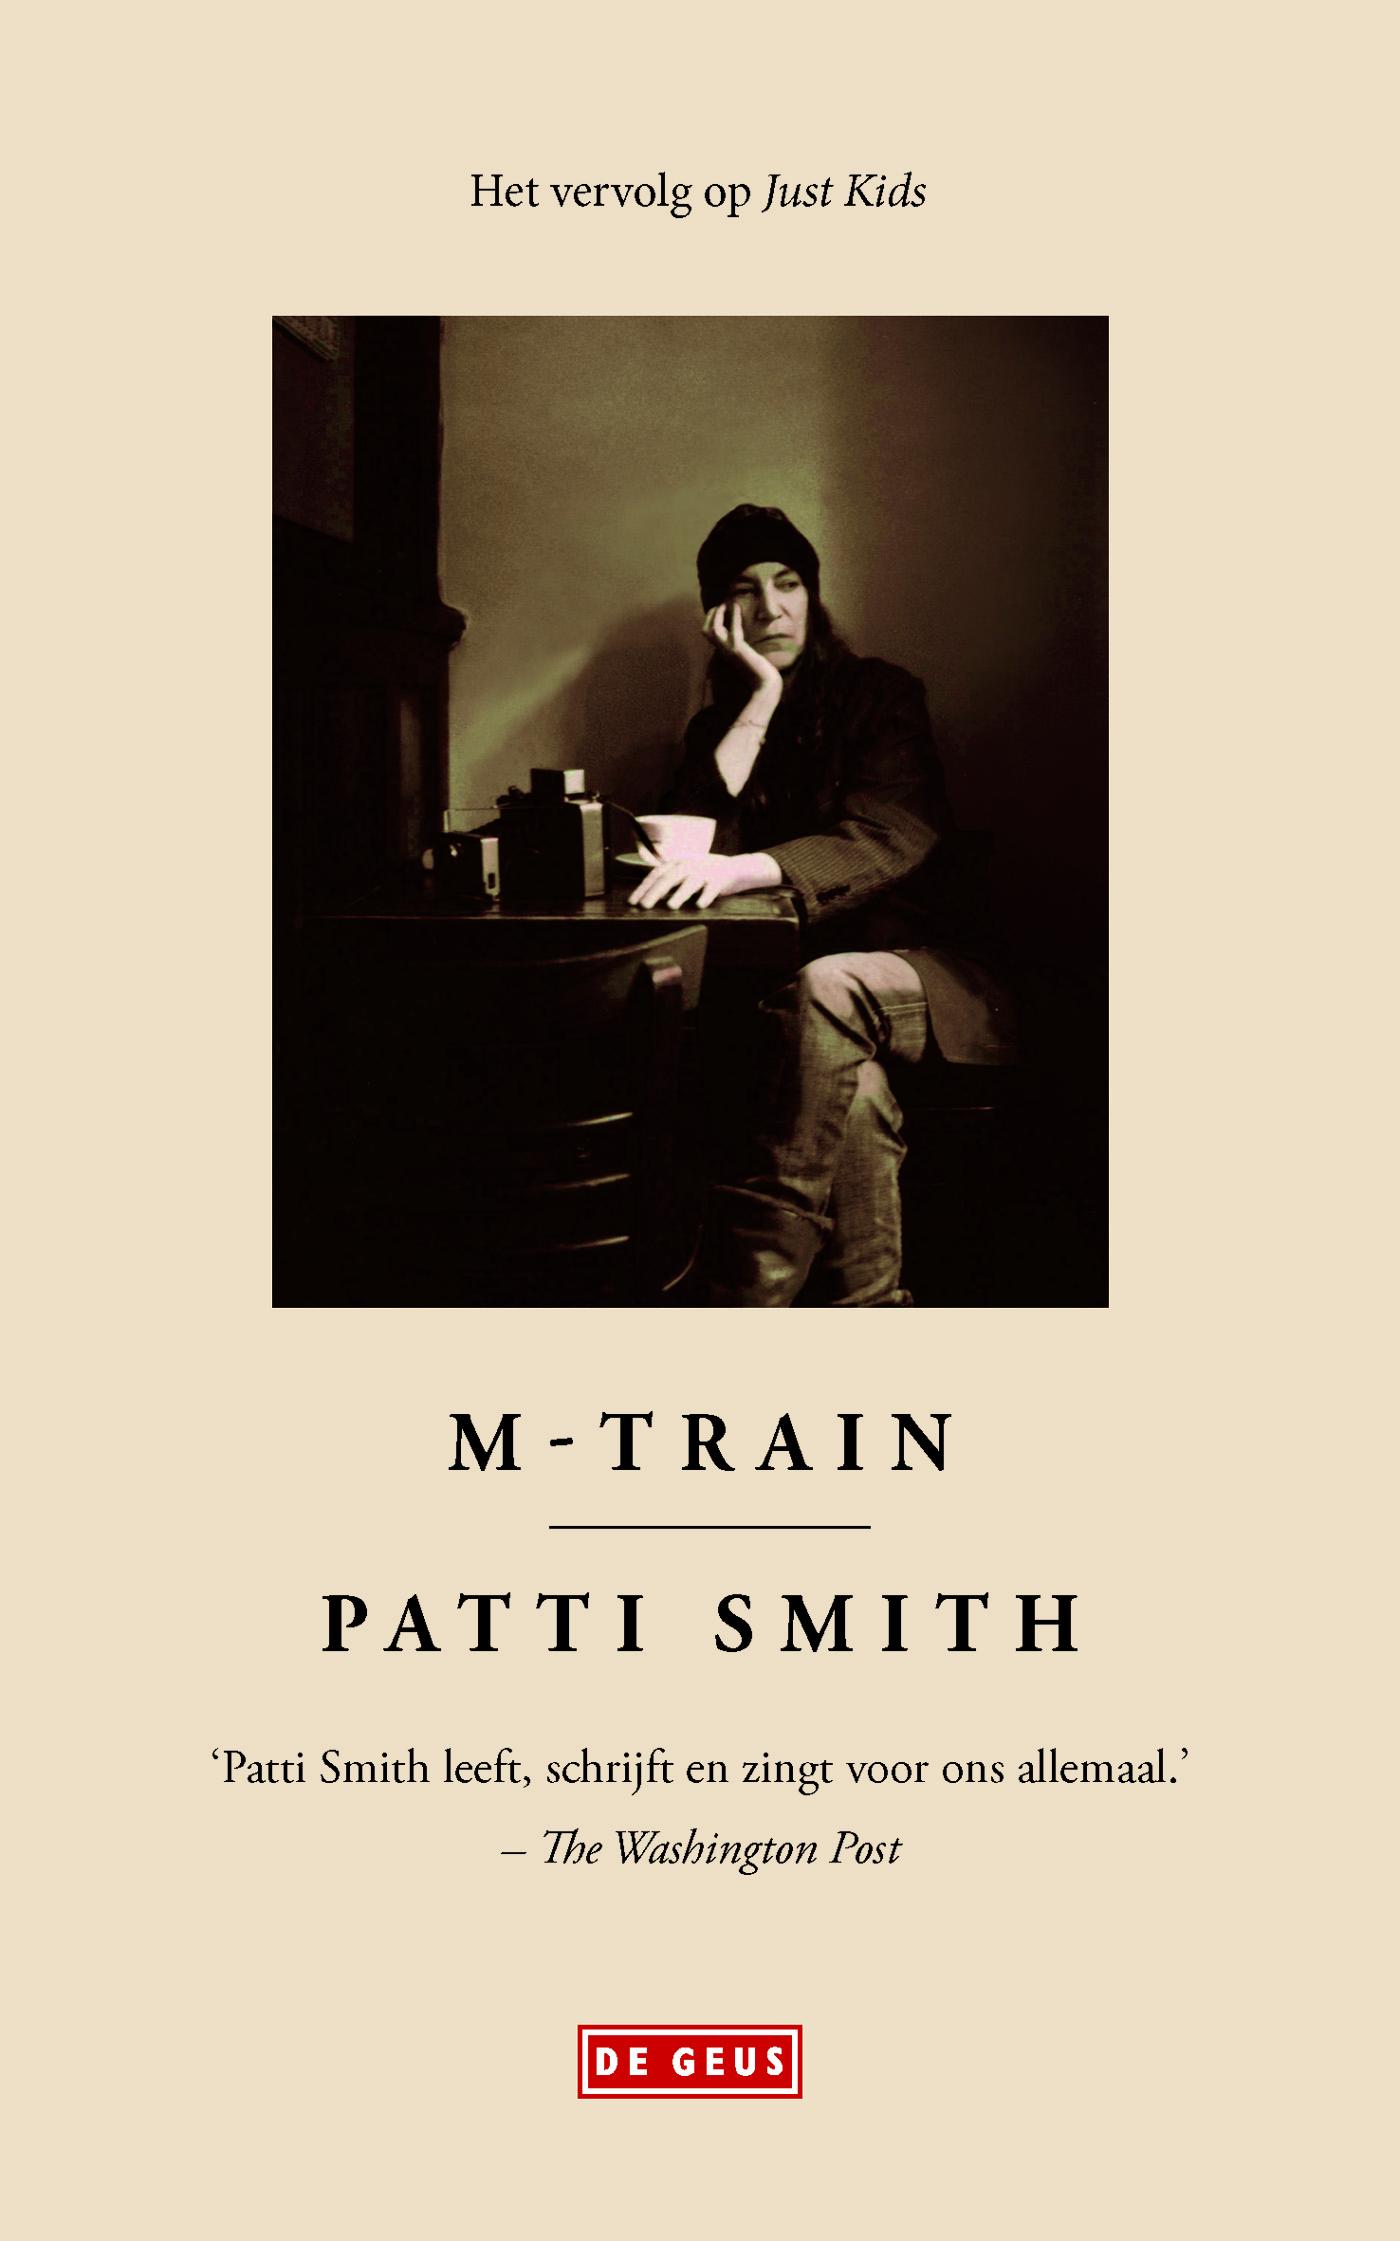 M-train – Patti Smith